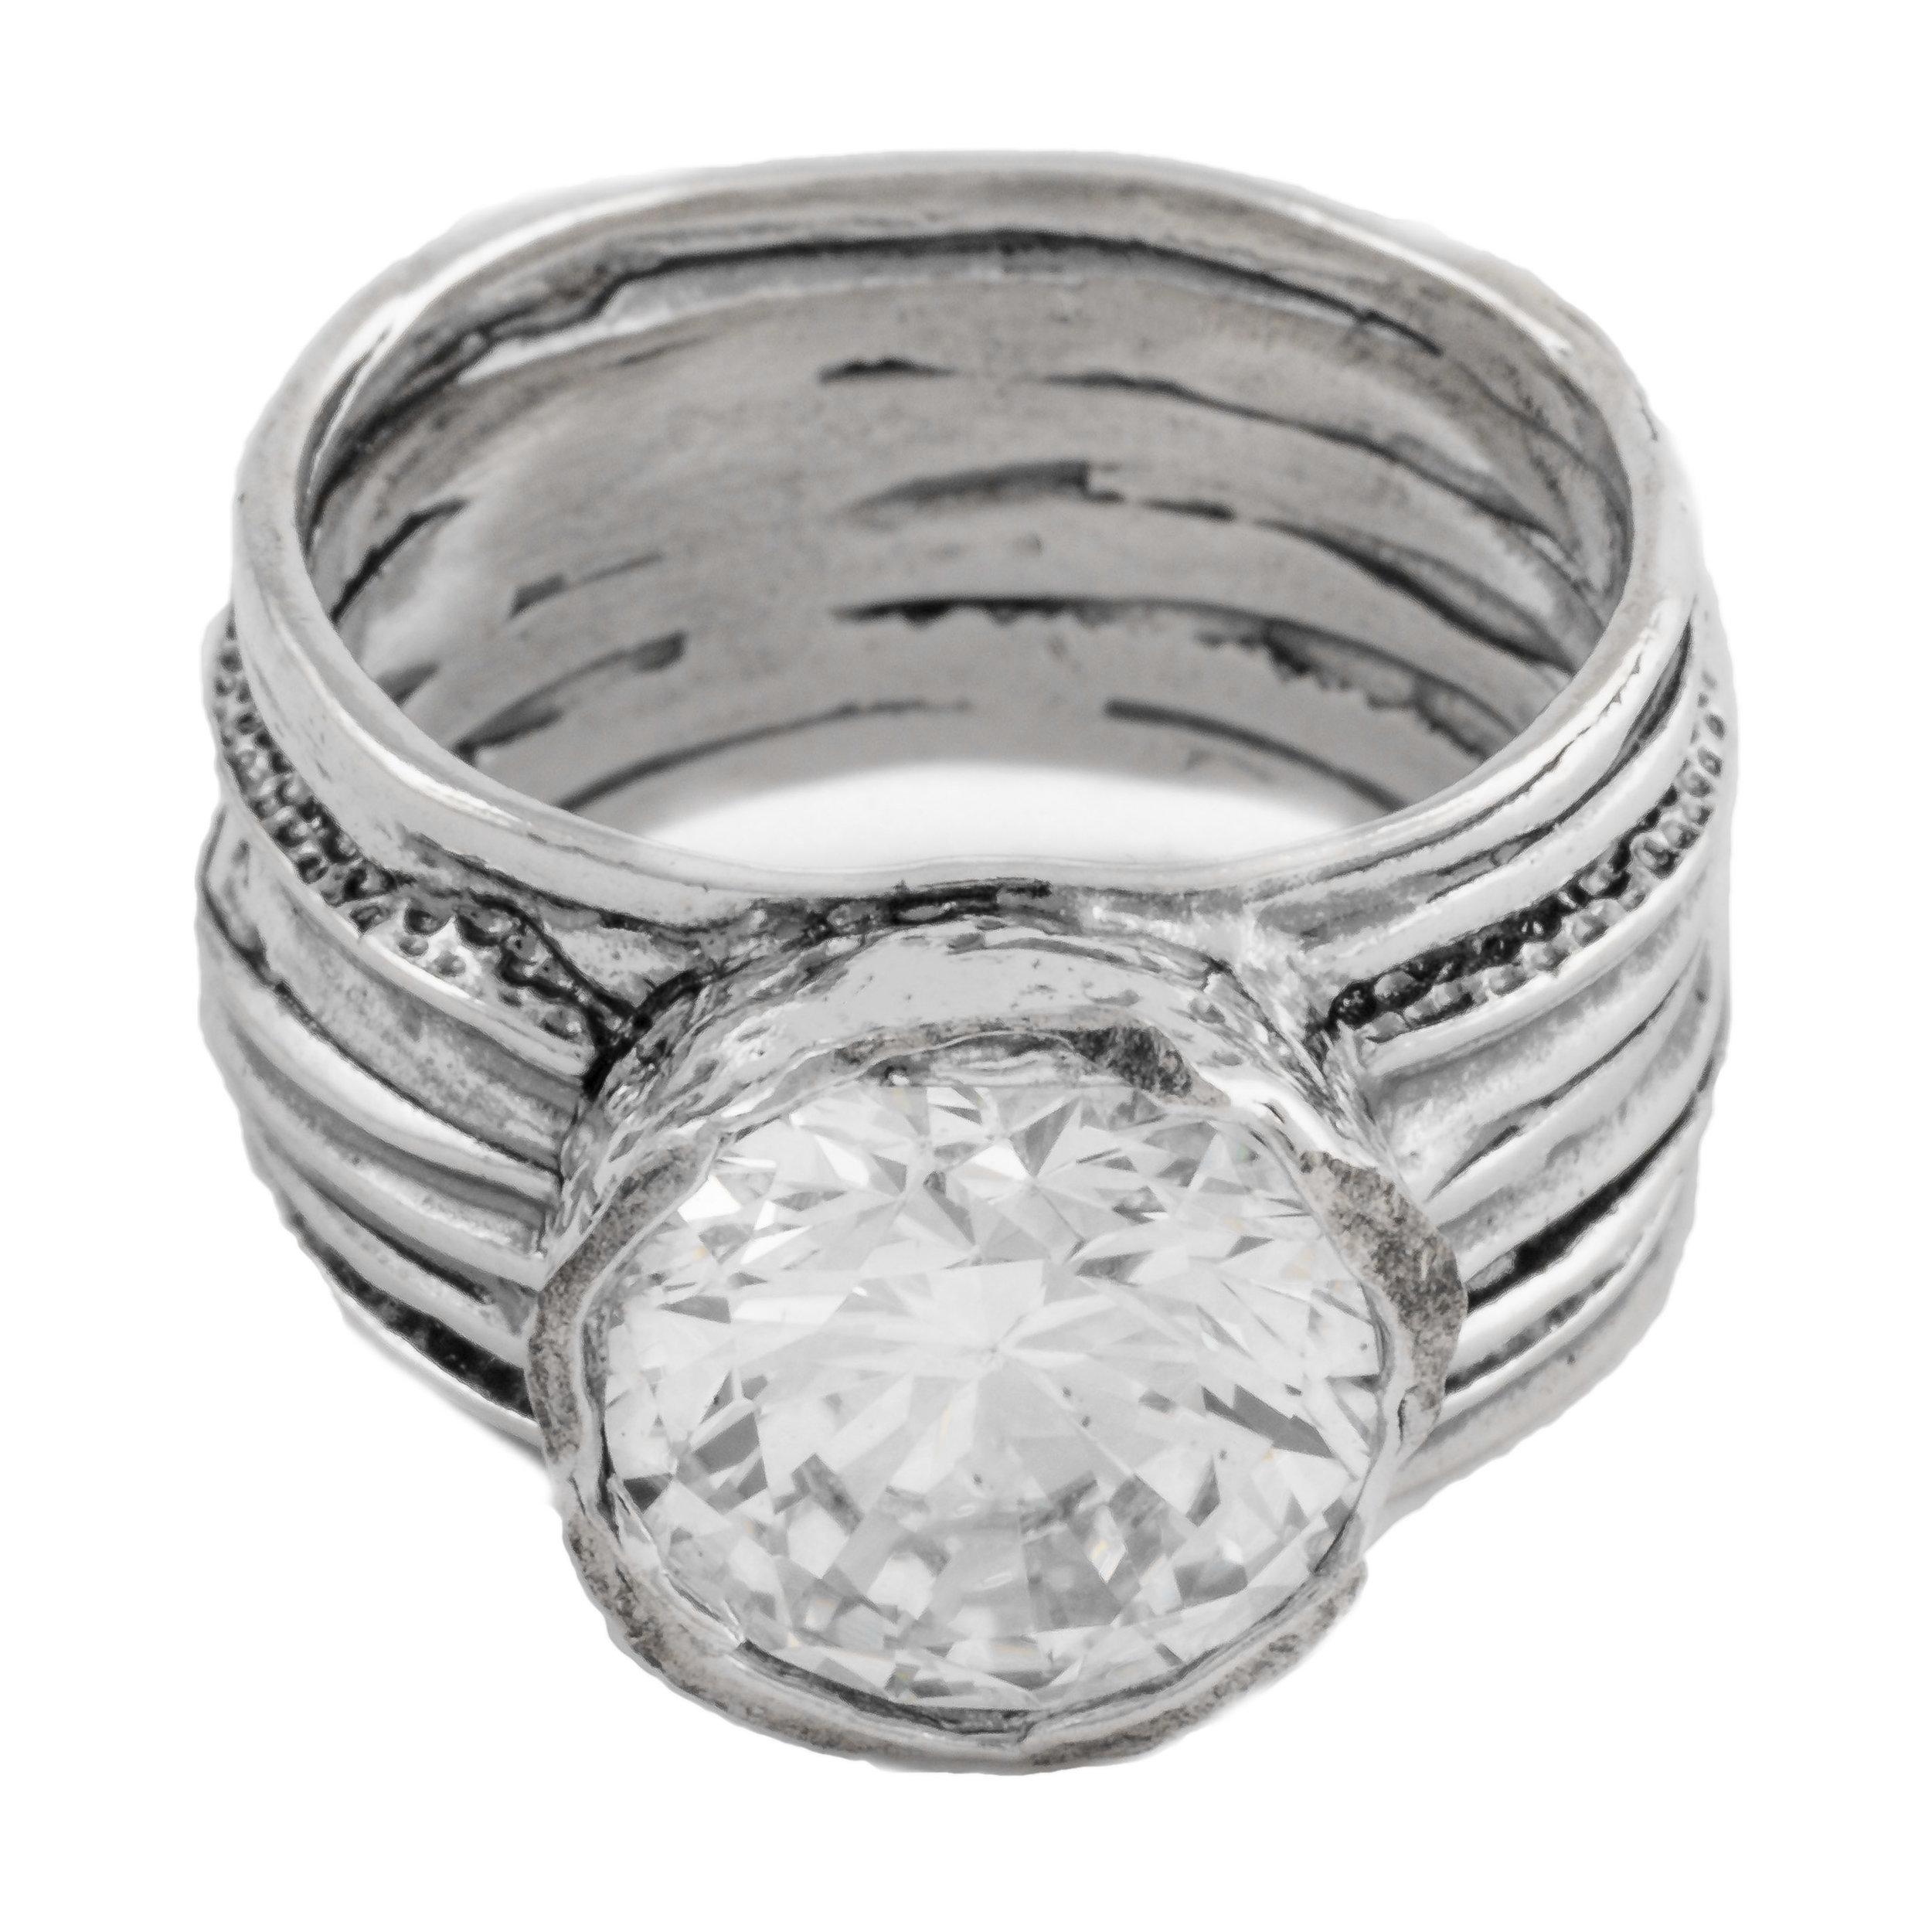 Rings - 11468 (1 of 1)-Edit.jpg